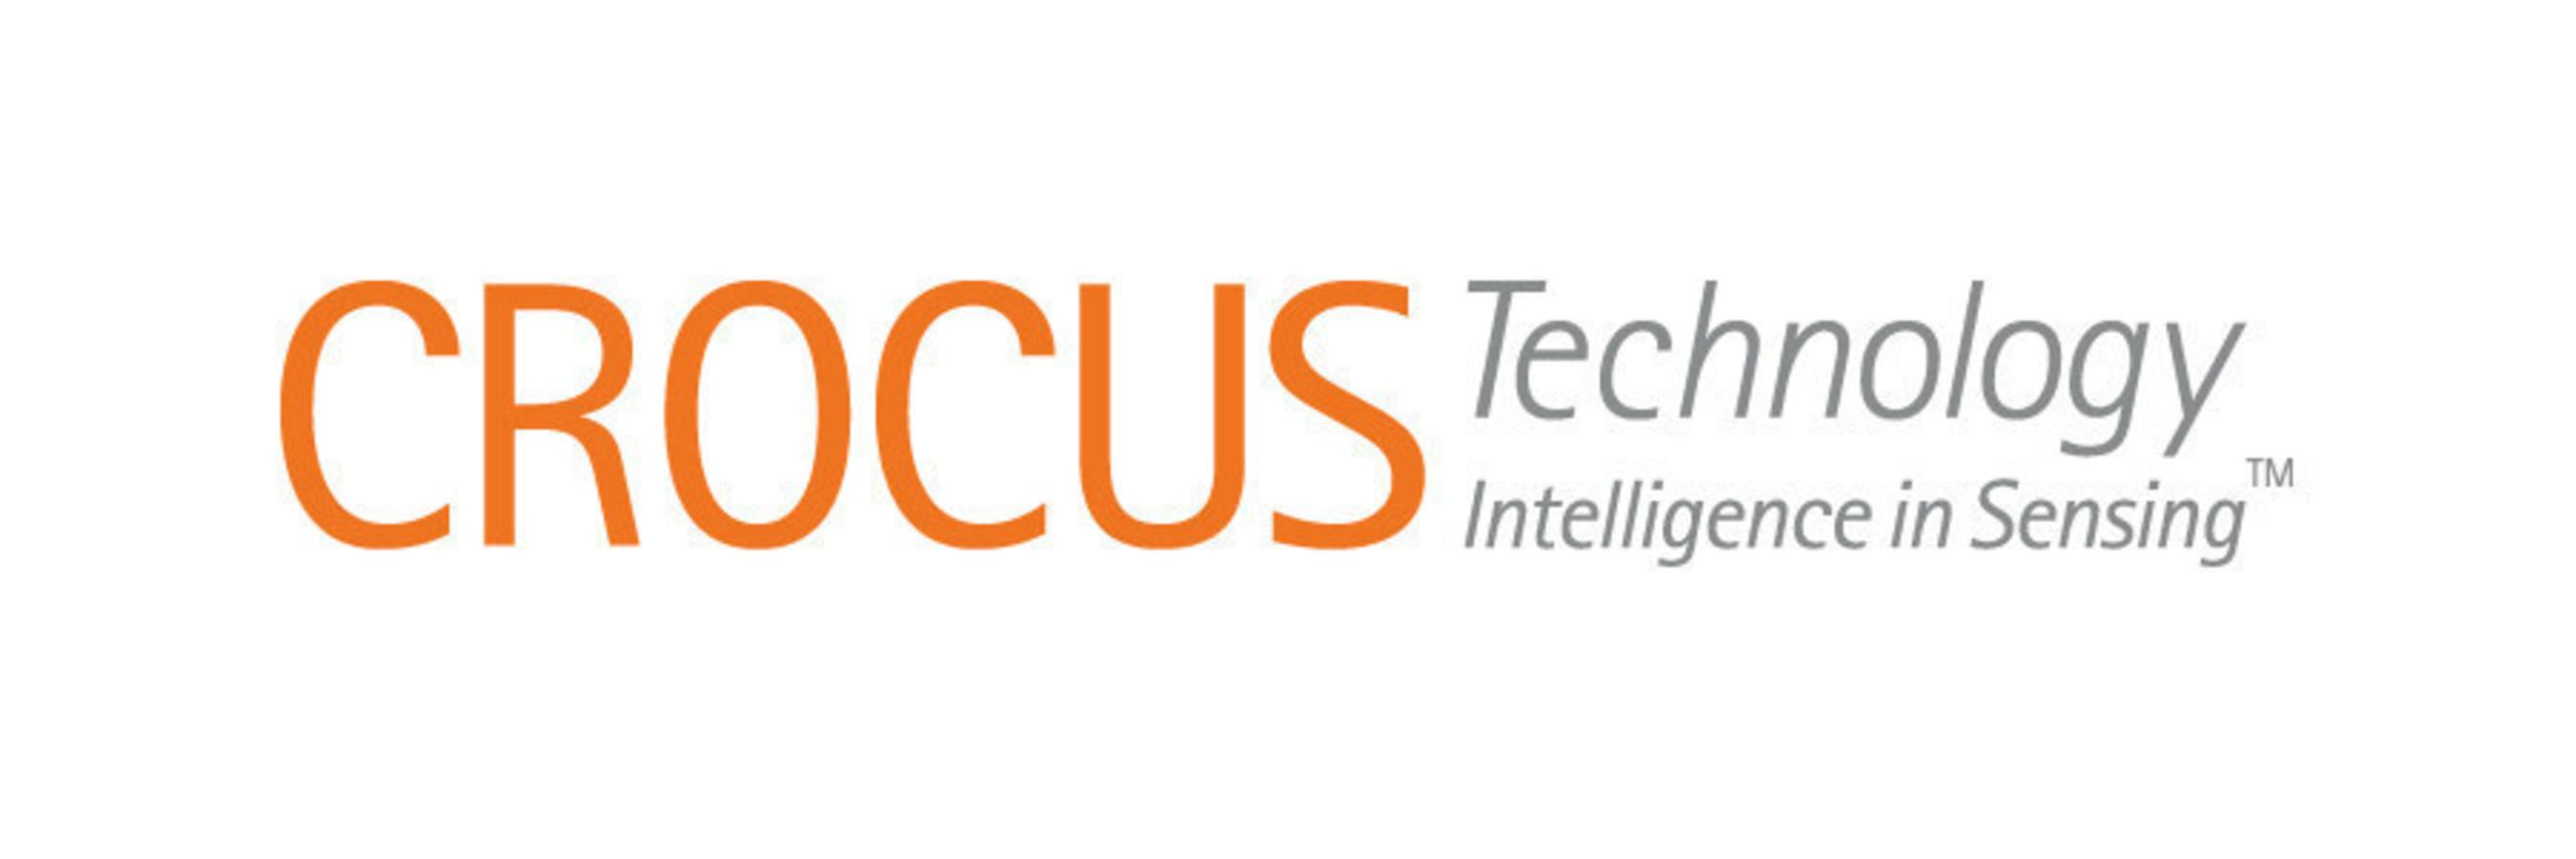 Crocus_Technology__Logo